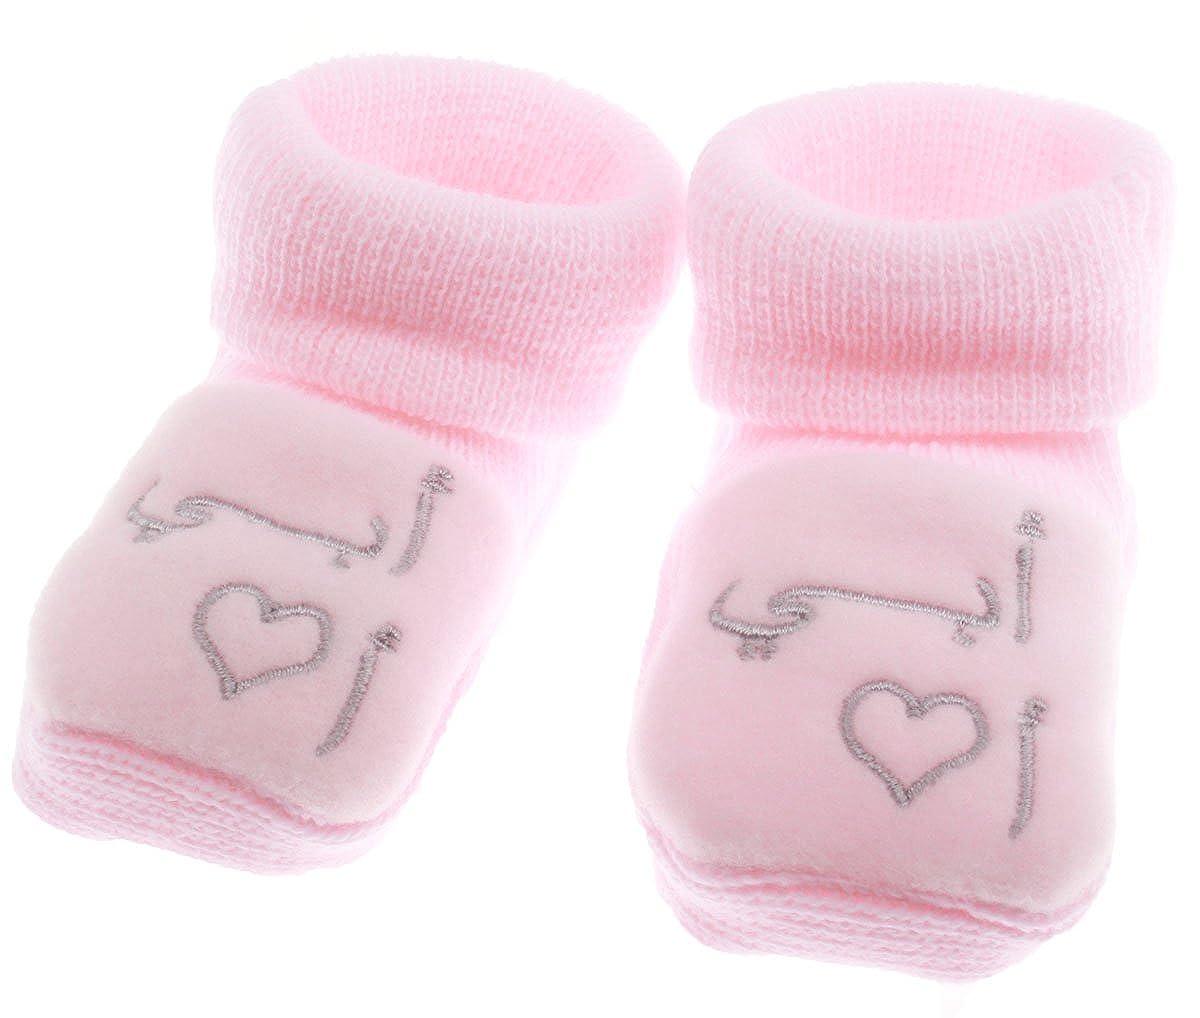 Chaussons bébé brodés 'J'aime Papa' en Arabe FDMP, 0/3mois couleur au choix 0/3mois couleur au choix (Bleu)